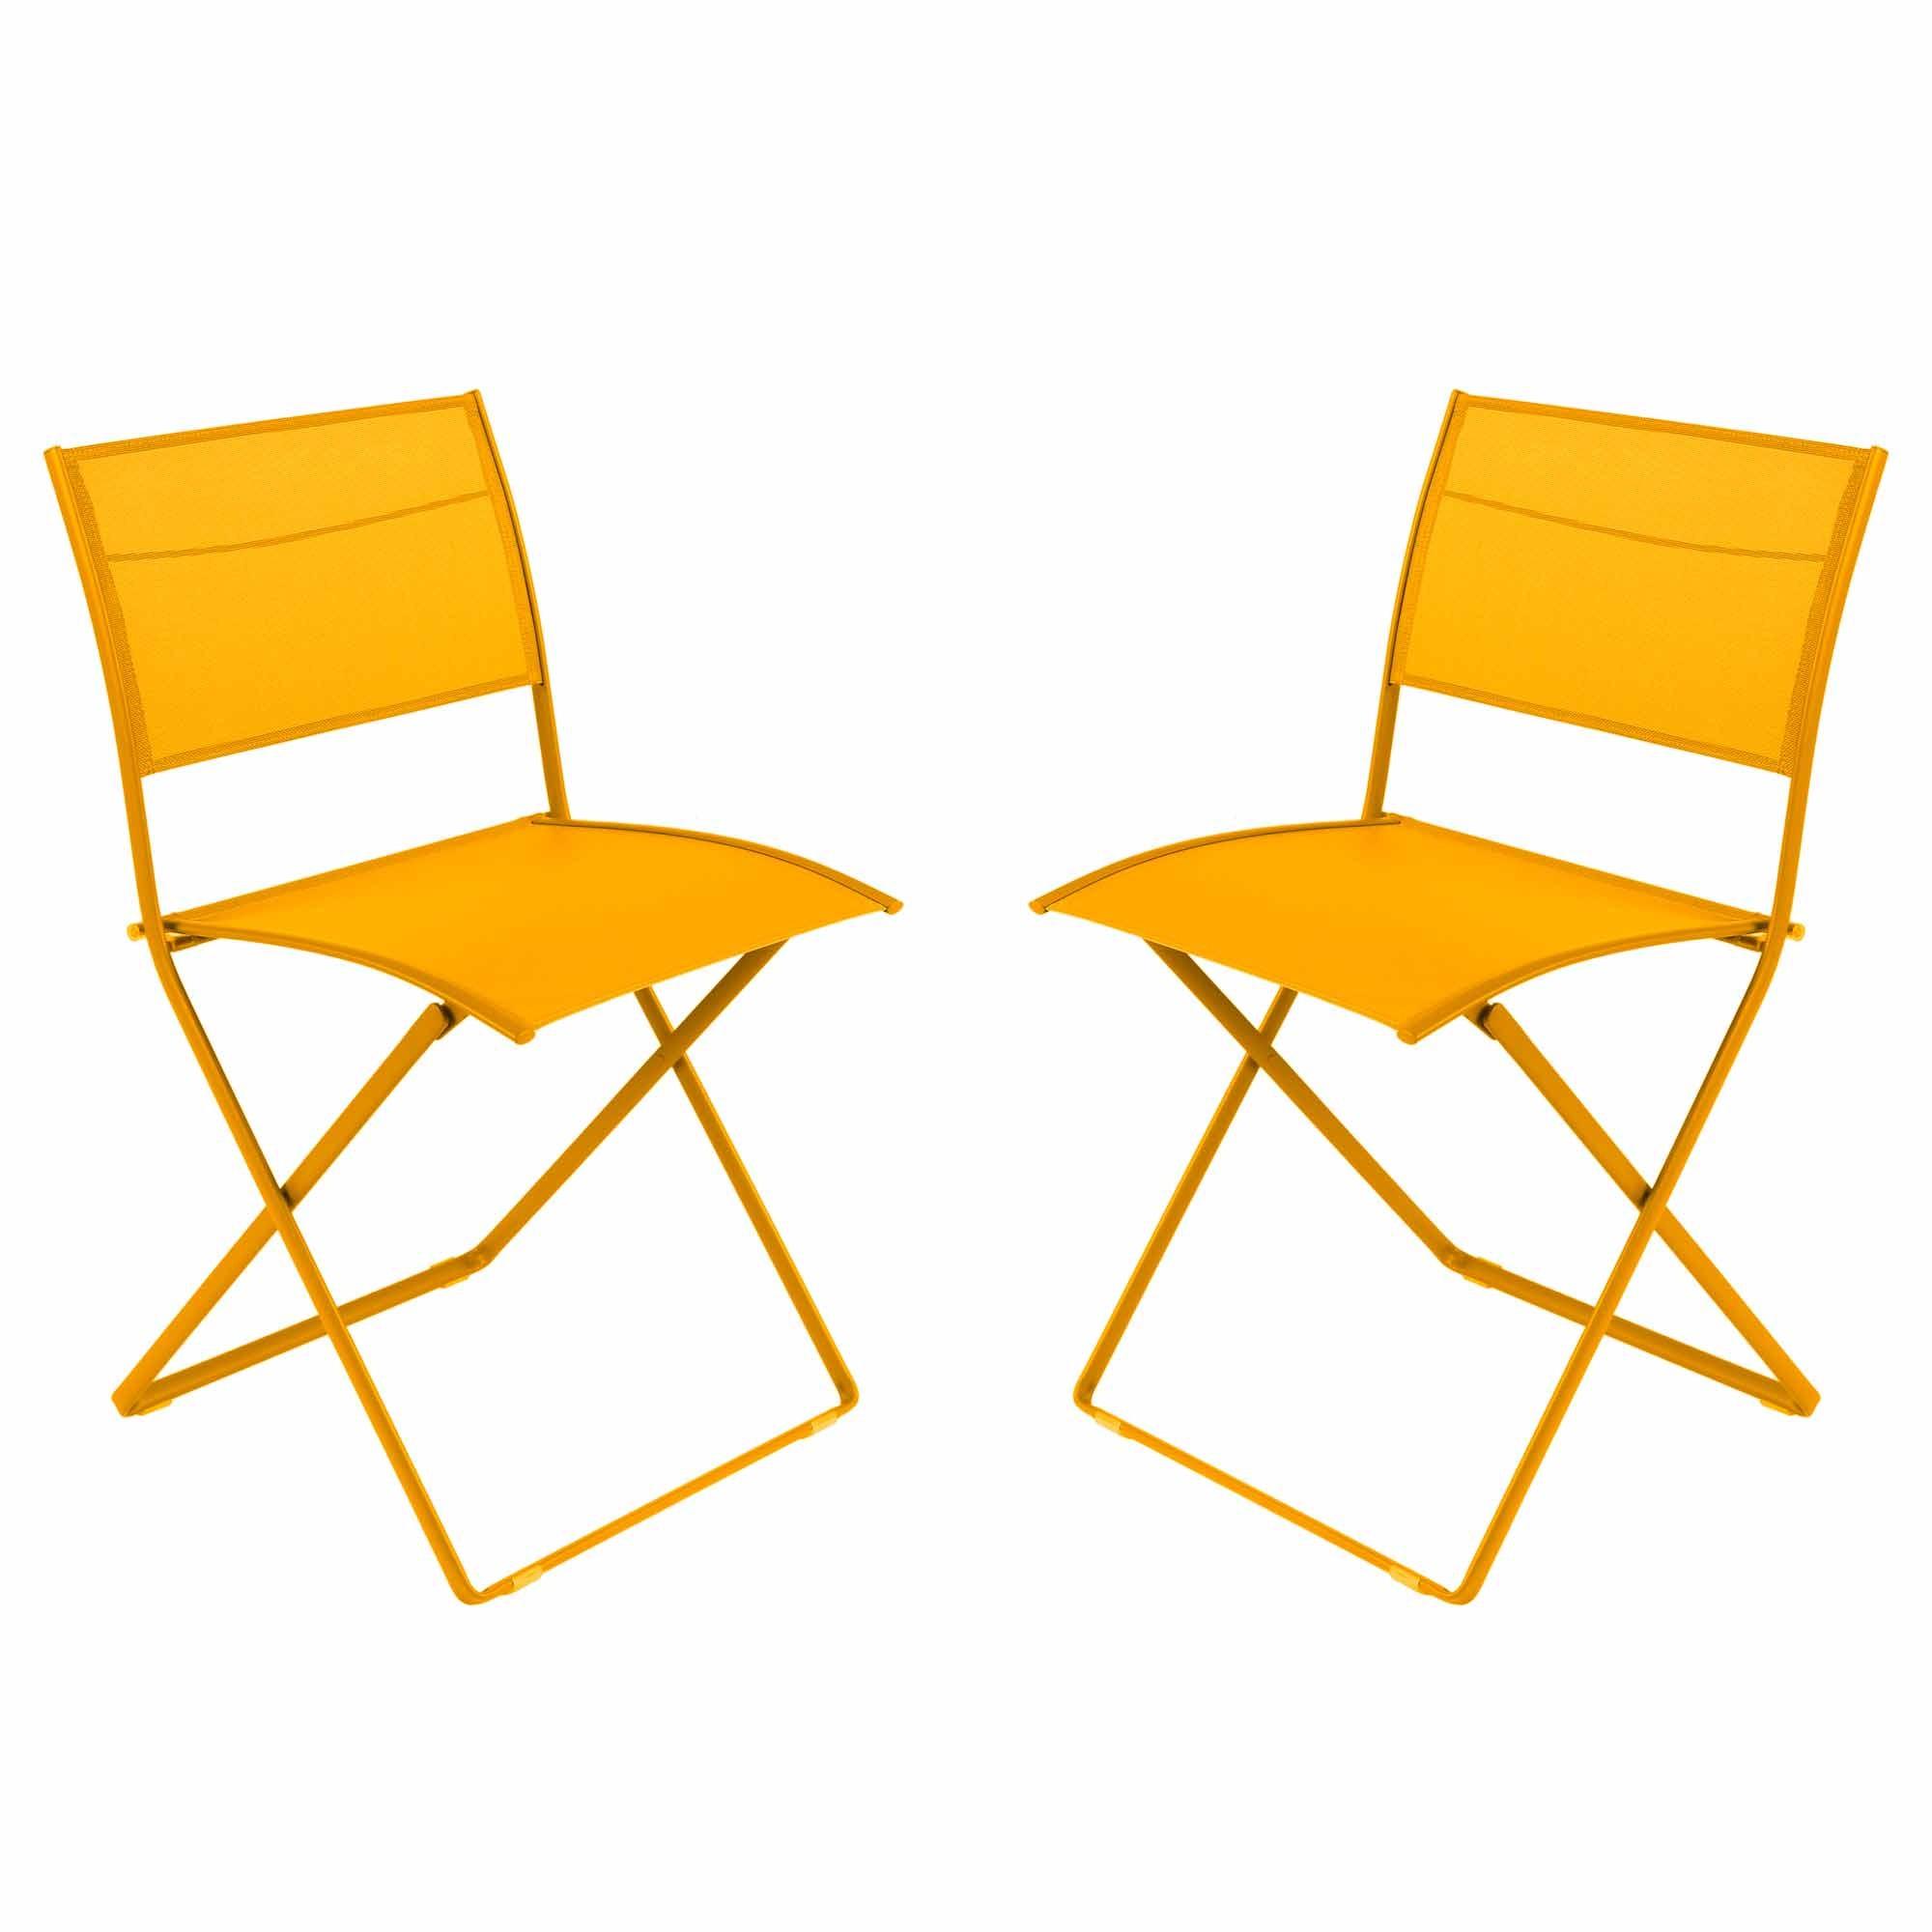 Lot de 2 chaises pliantes plein air de fermob miel - Lot chaises pliantes ...